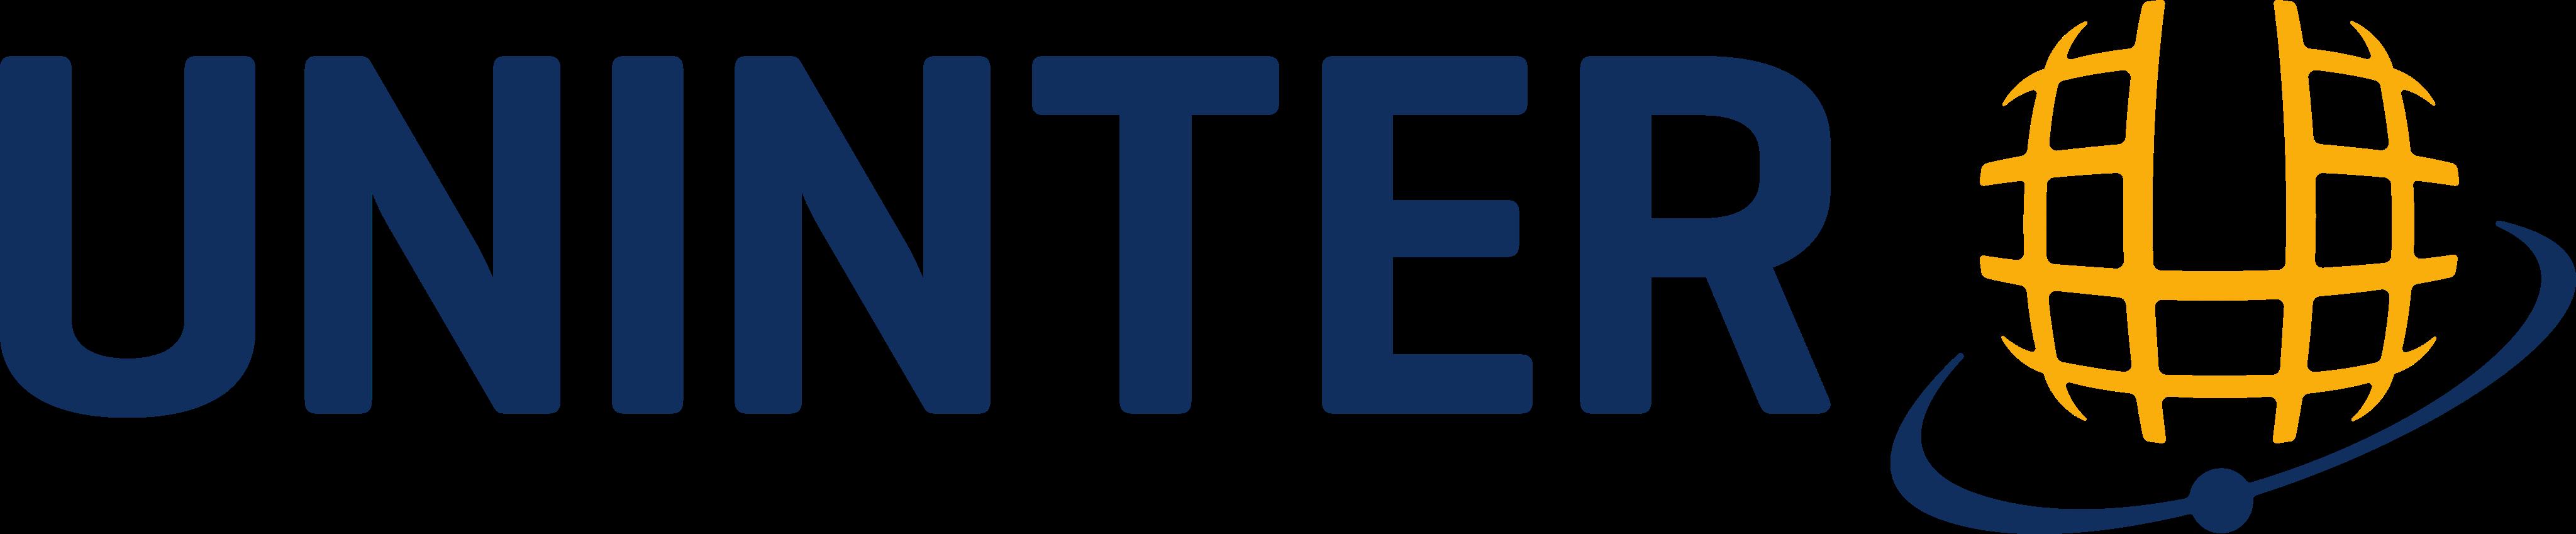 Uninter Logo.